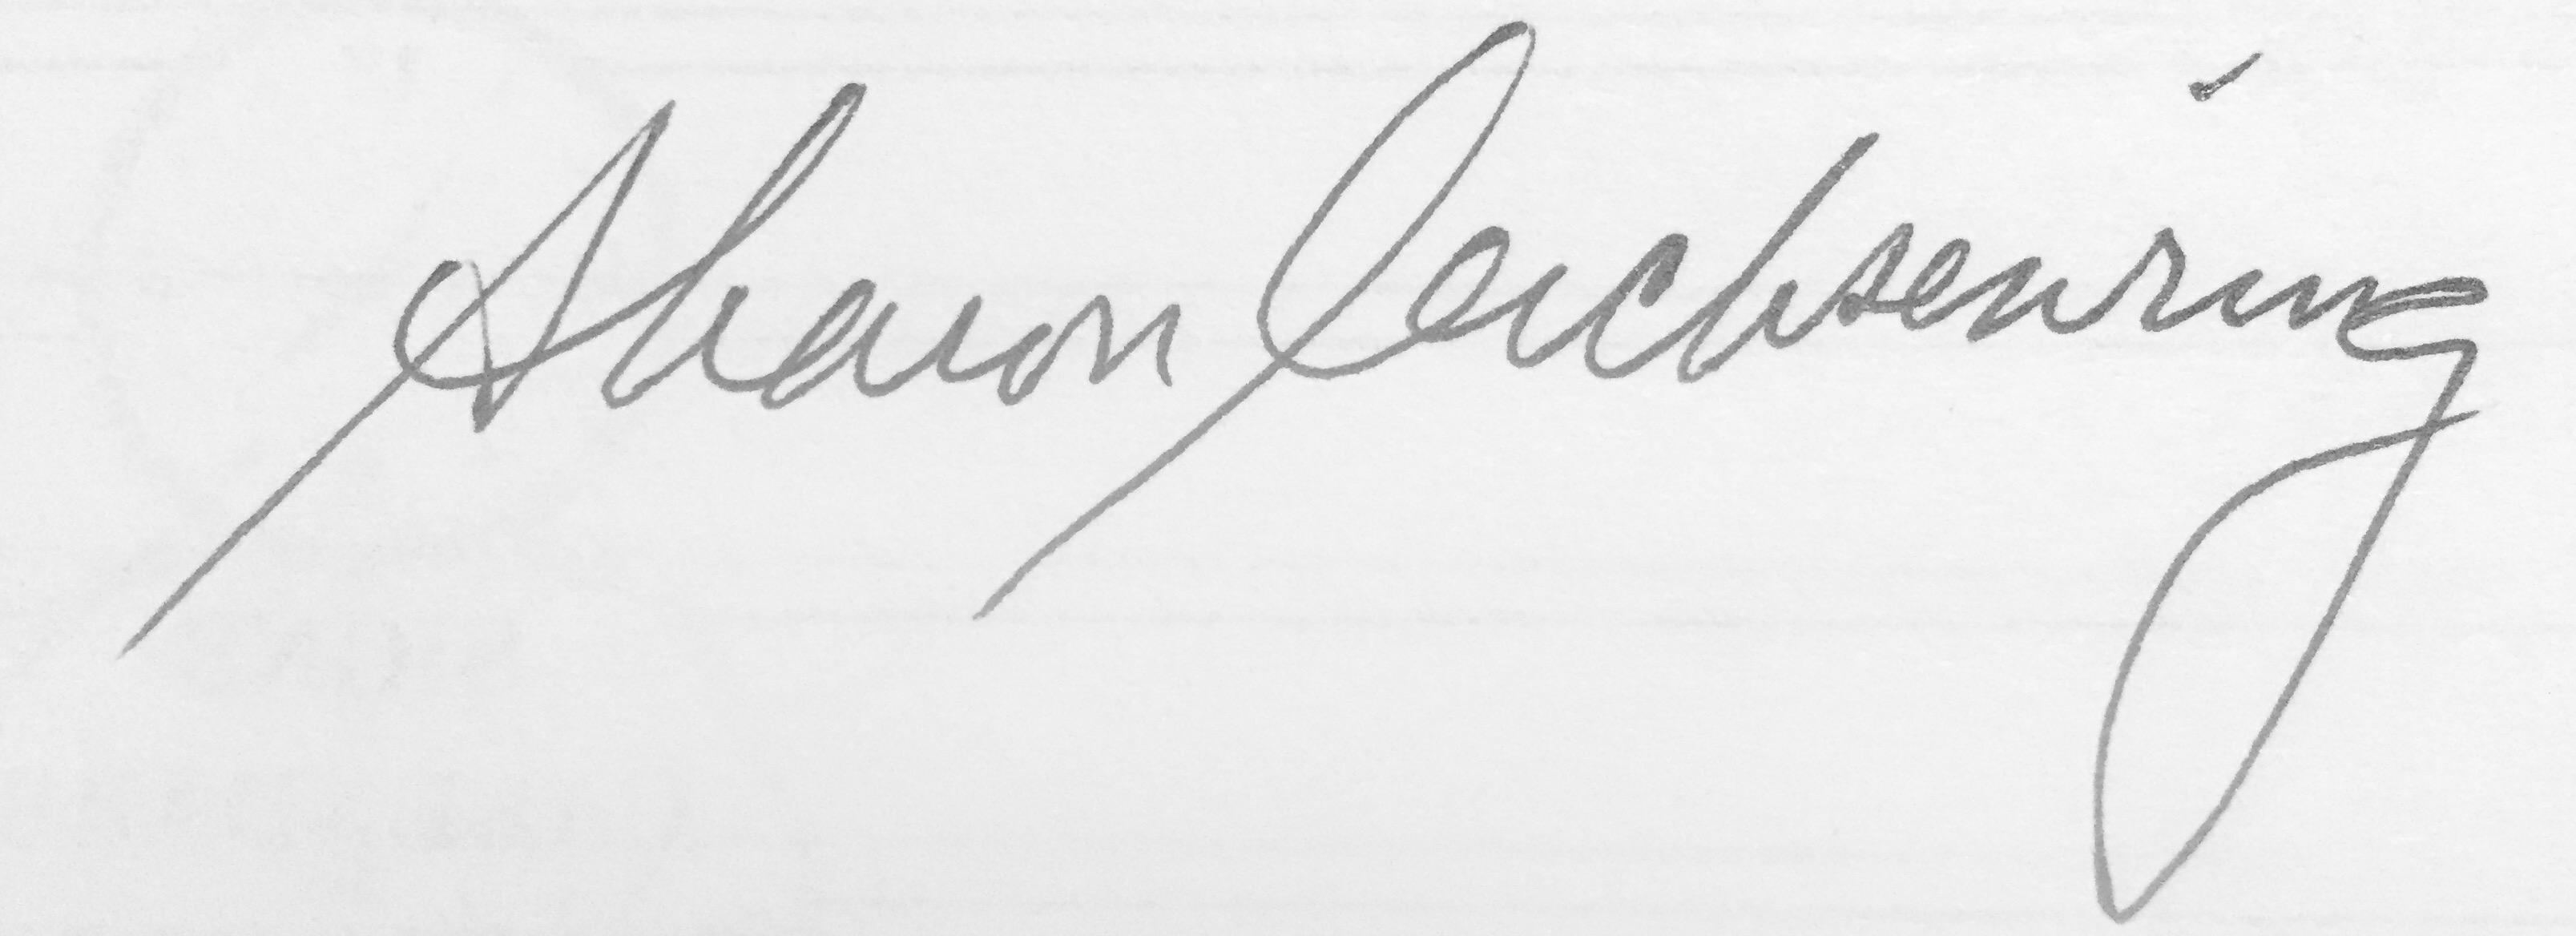 Sharon Leichsenring's Signature